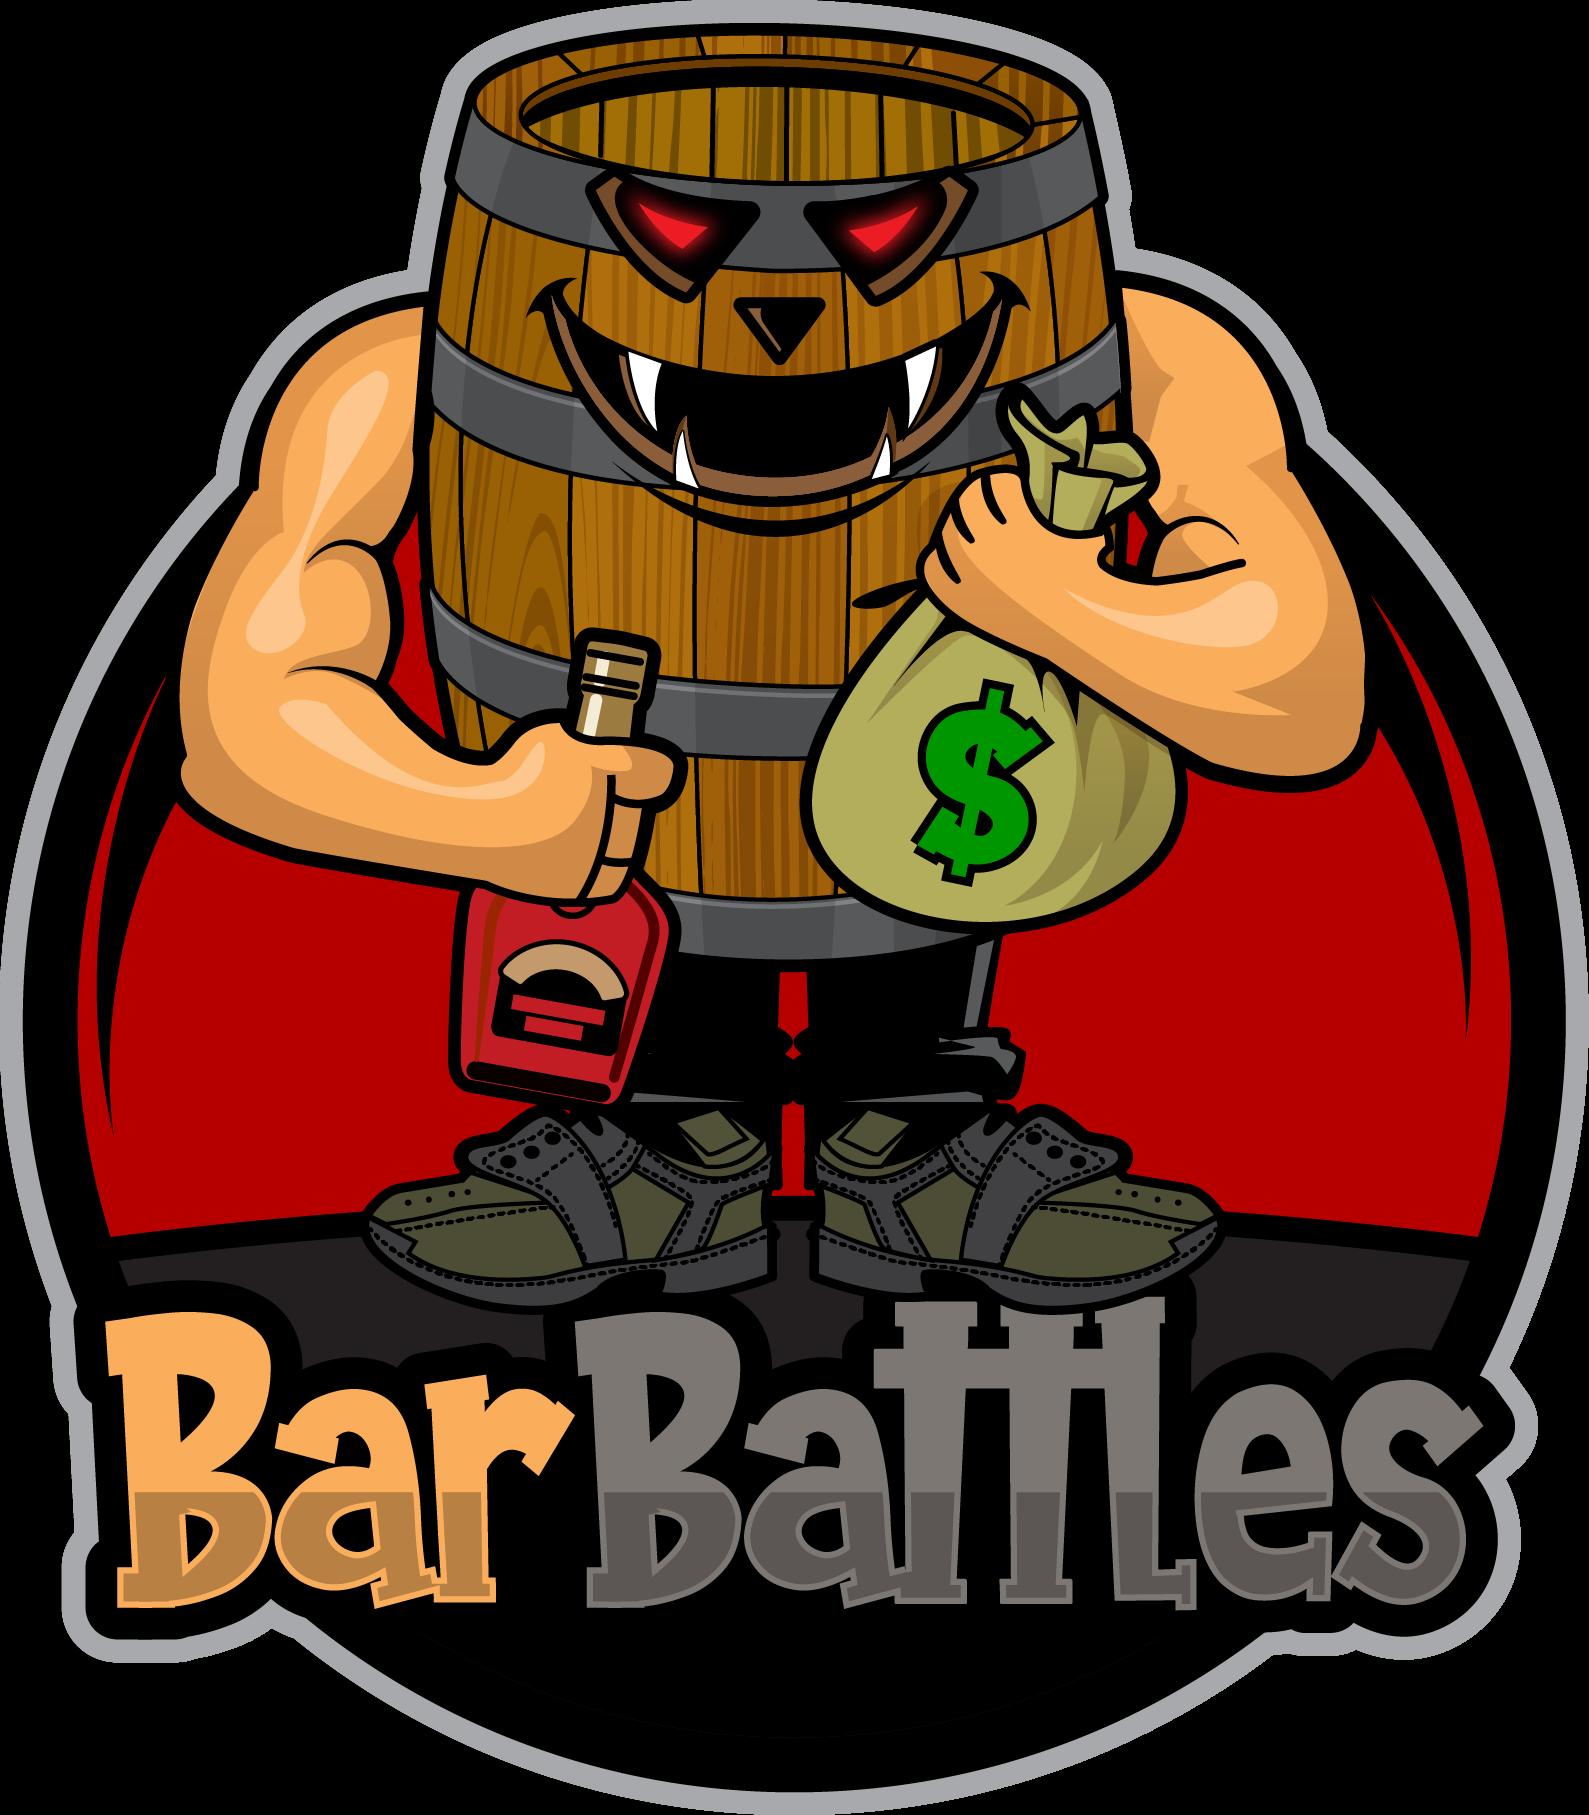 BarBattles – Discord Bot